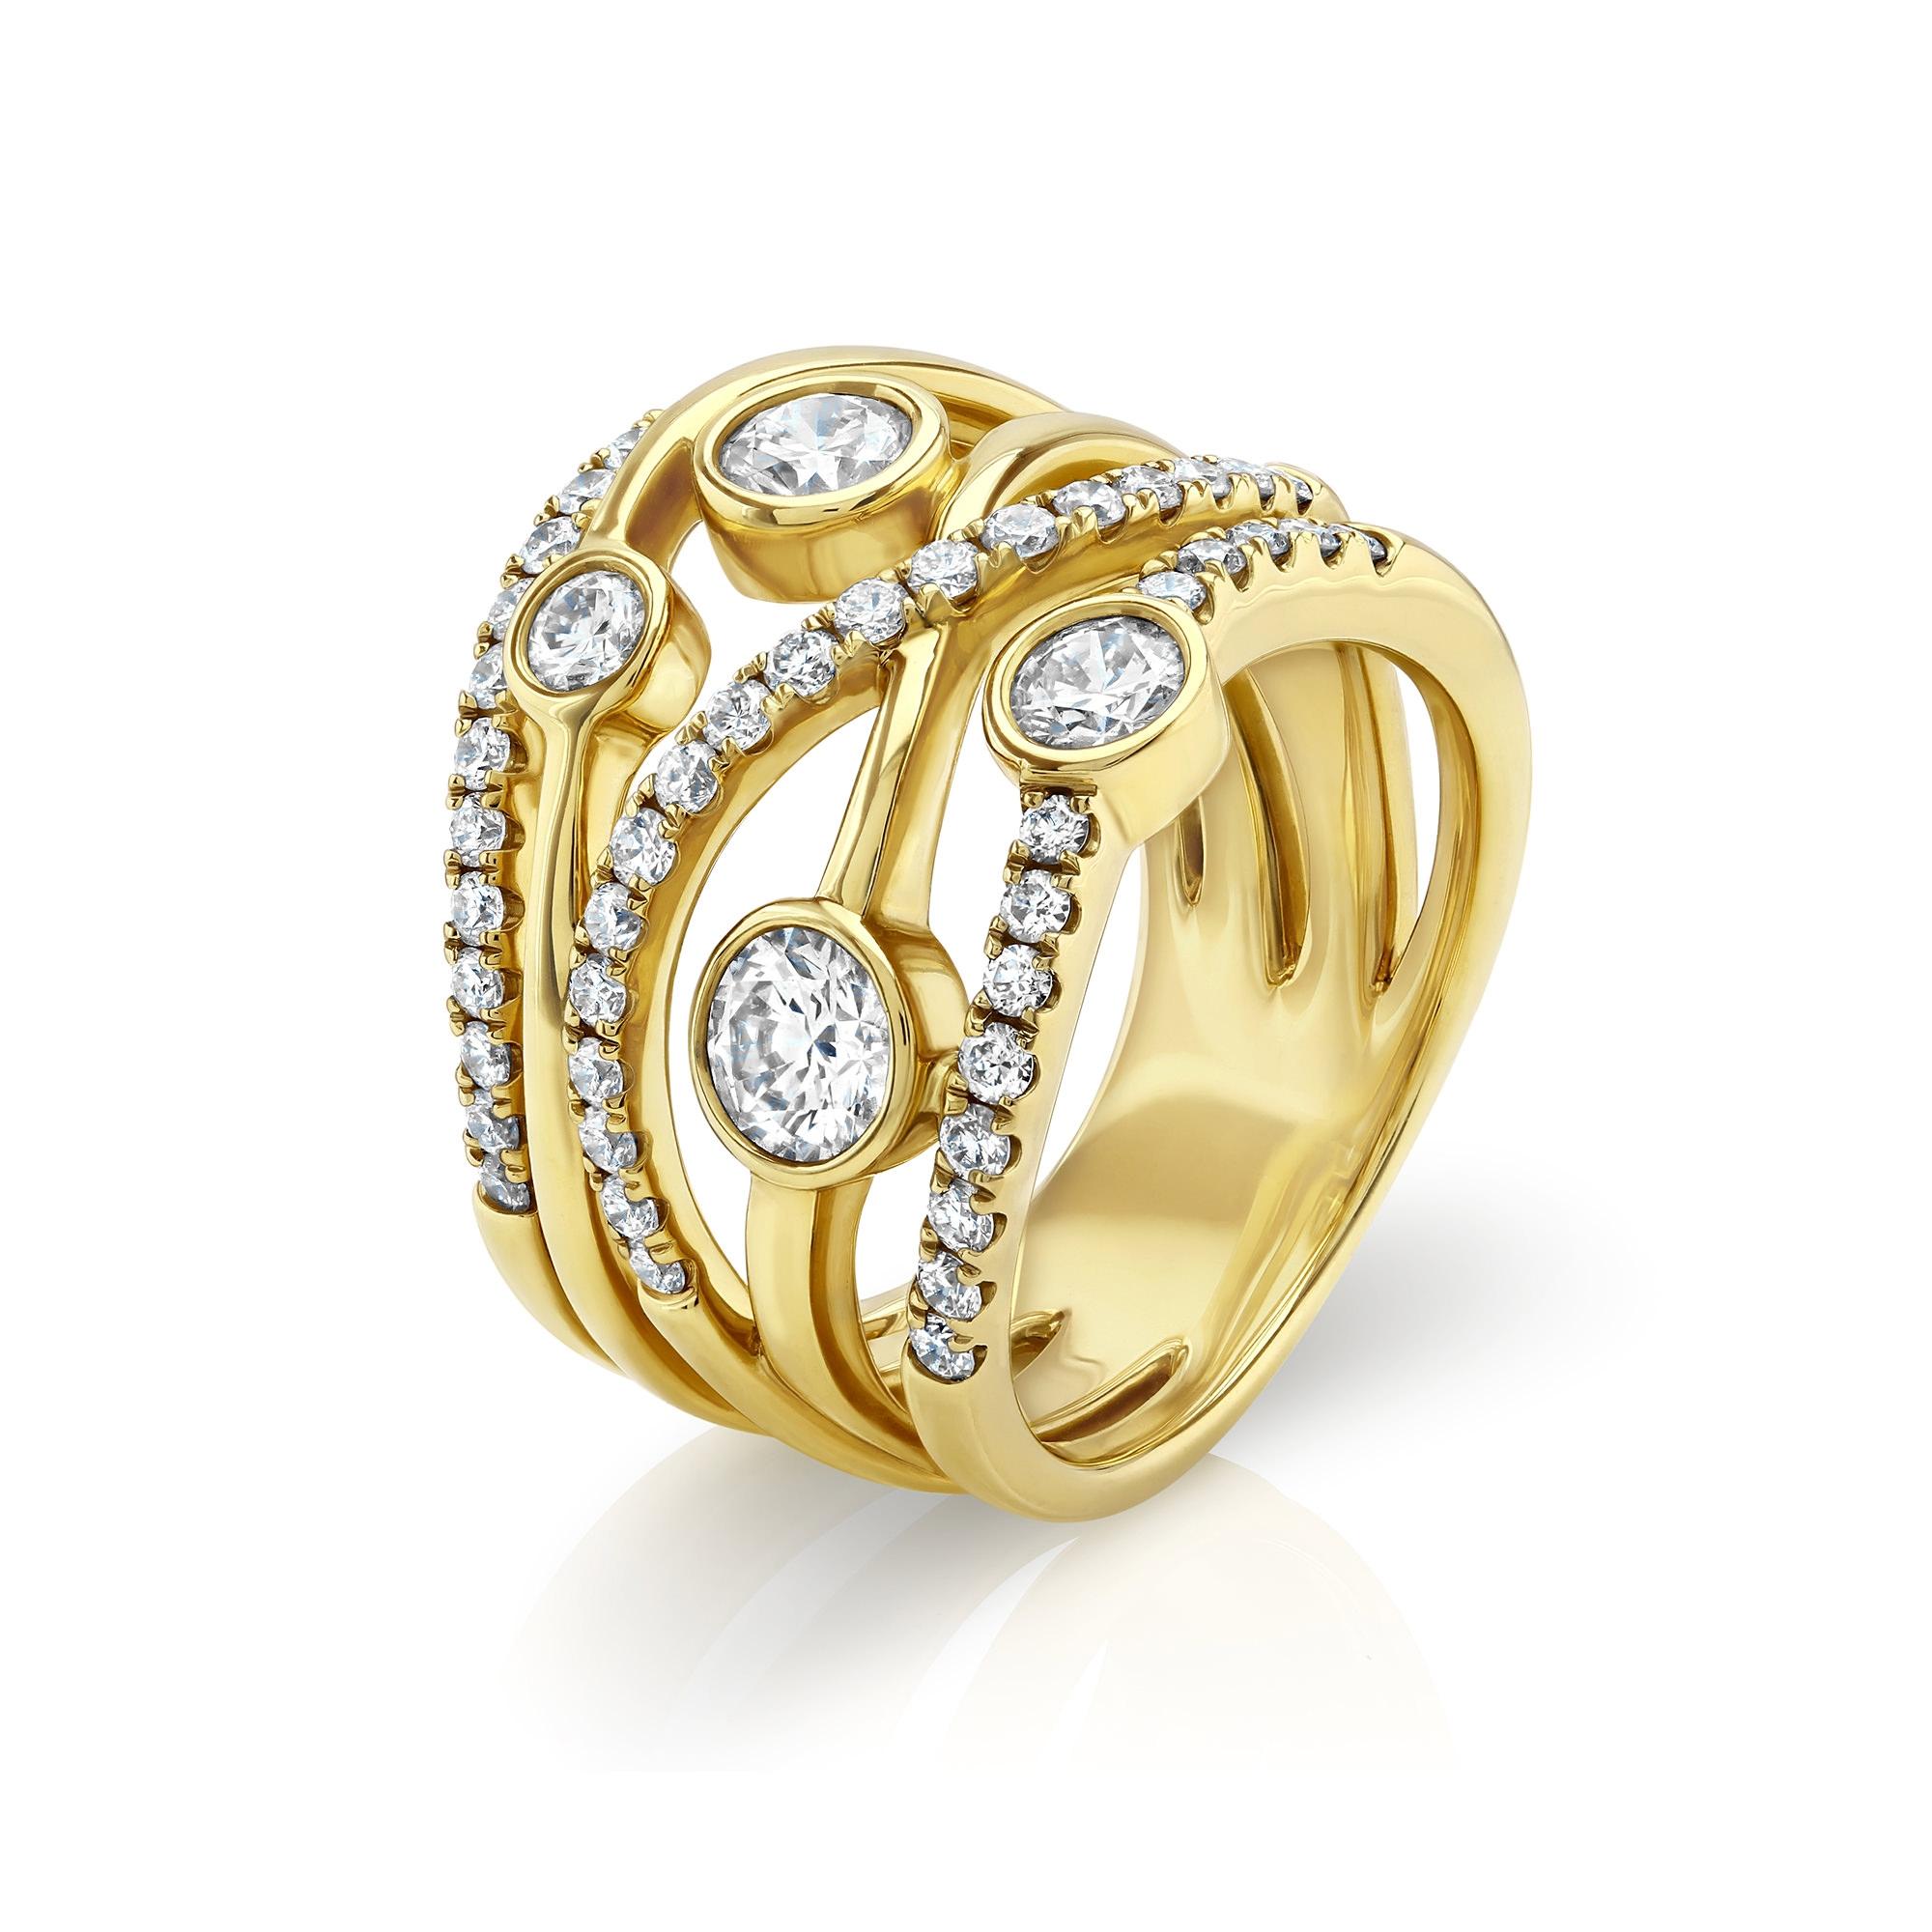 Lunar Yellow Gold Large Diamond Ring